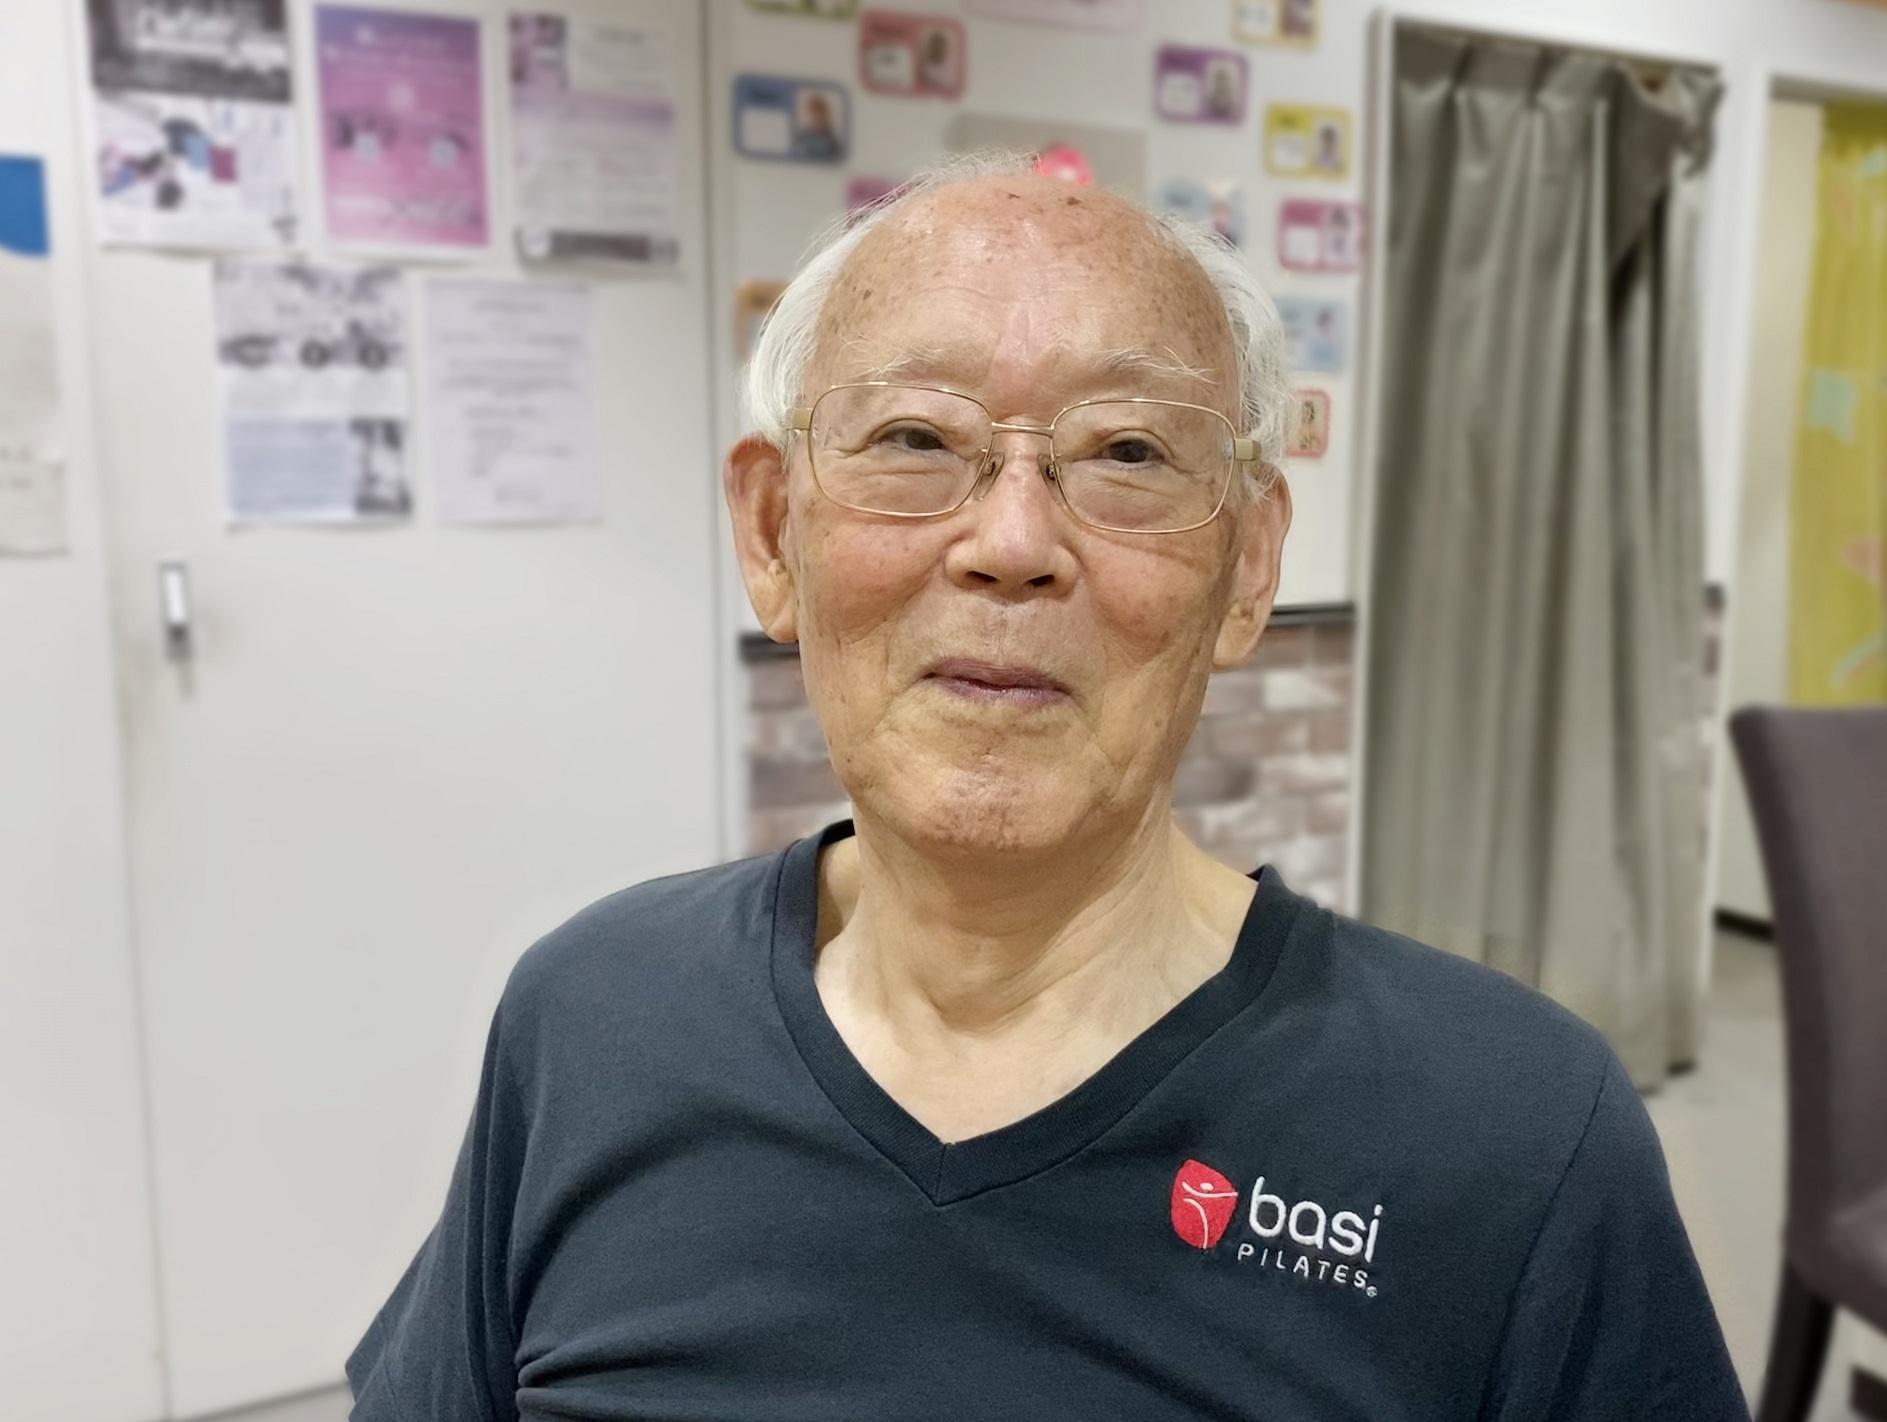 「自分の身体を鍛えることが、コロナに対する力になる。」父の日のプレゼントとしてピラティスを始めた、zen place会員歴7年の山口晋平さん(91歳)に直撃インタビュー!